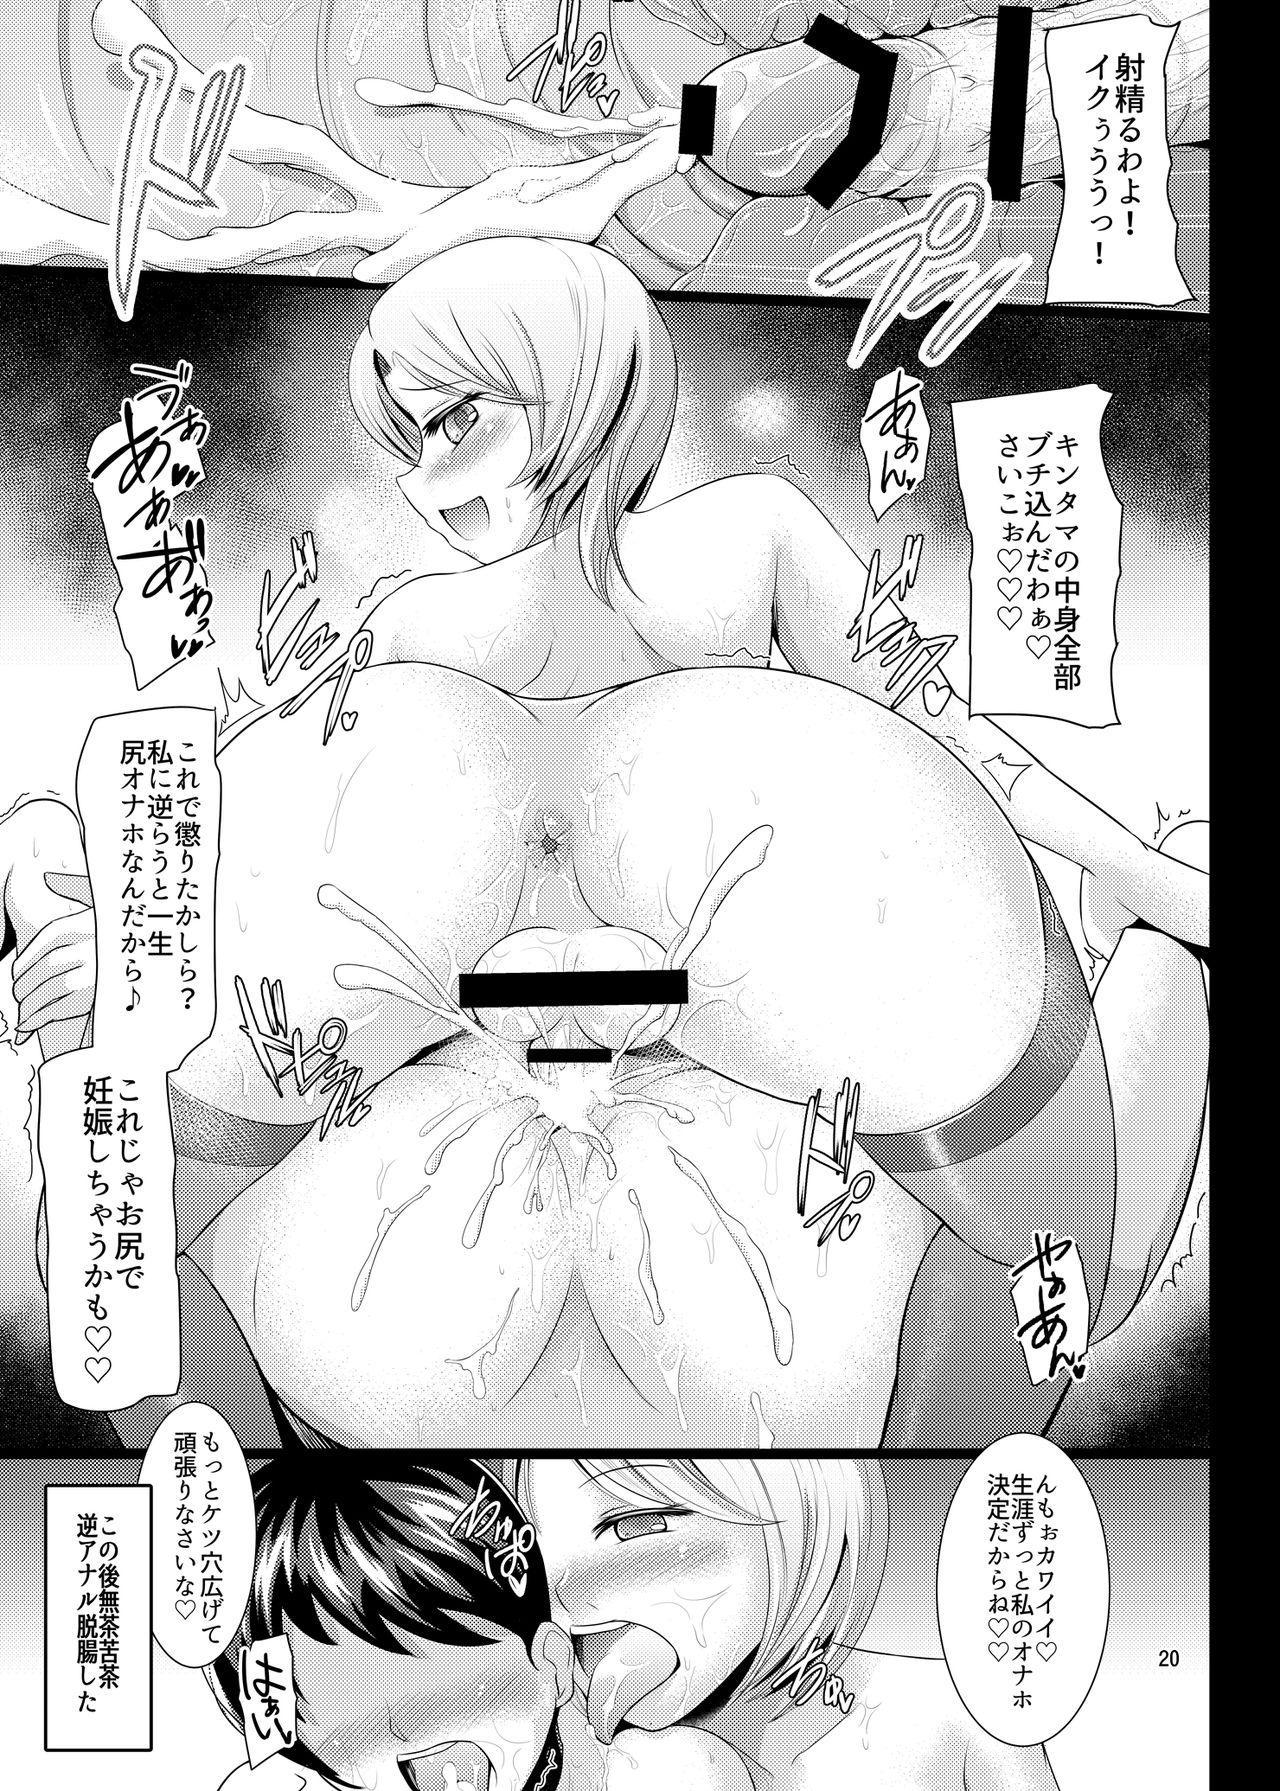 Futanari x Otoko Gyaku Anal Goudou Anata ga Mesu ni Narun desu yo 19